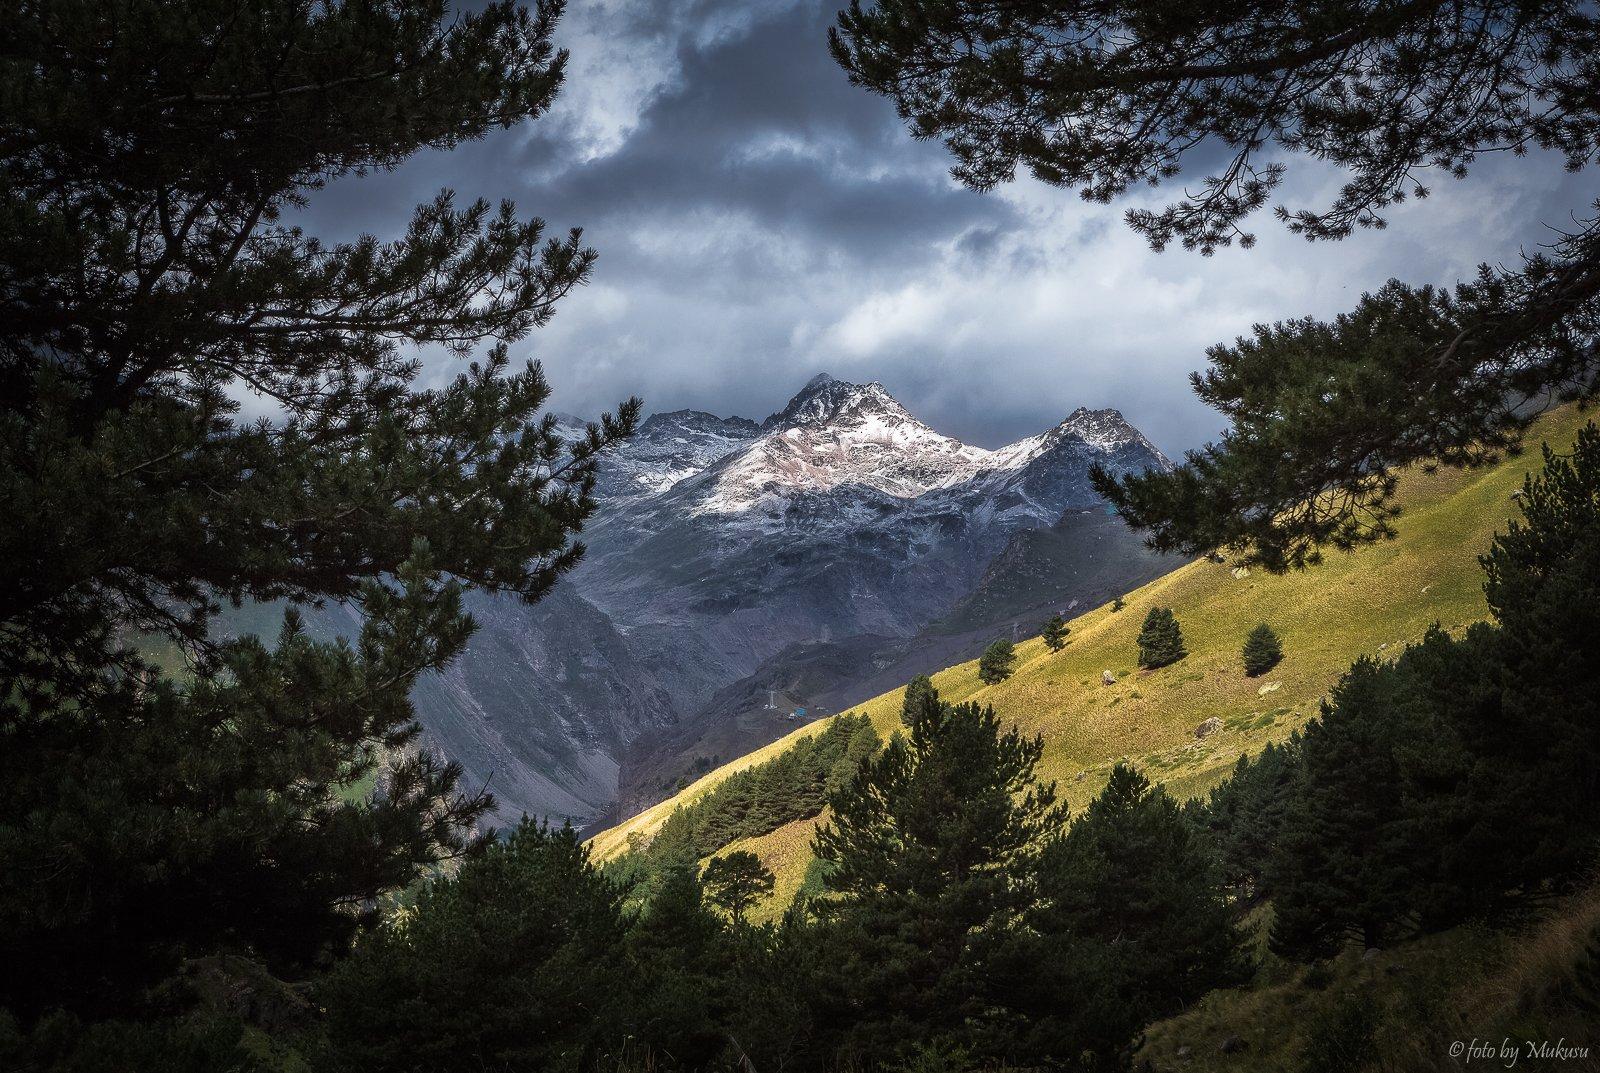 приэльбрусье, кавказ, пейзаж, путешествия, горы, Алексей Самойленко